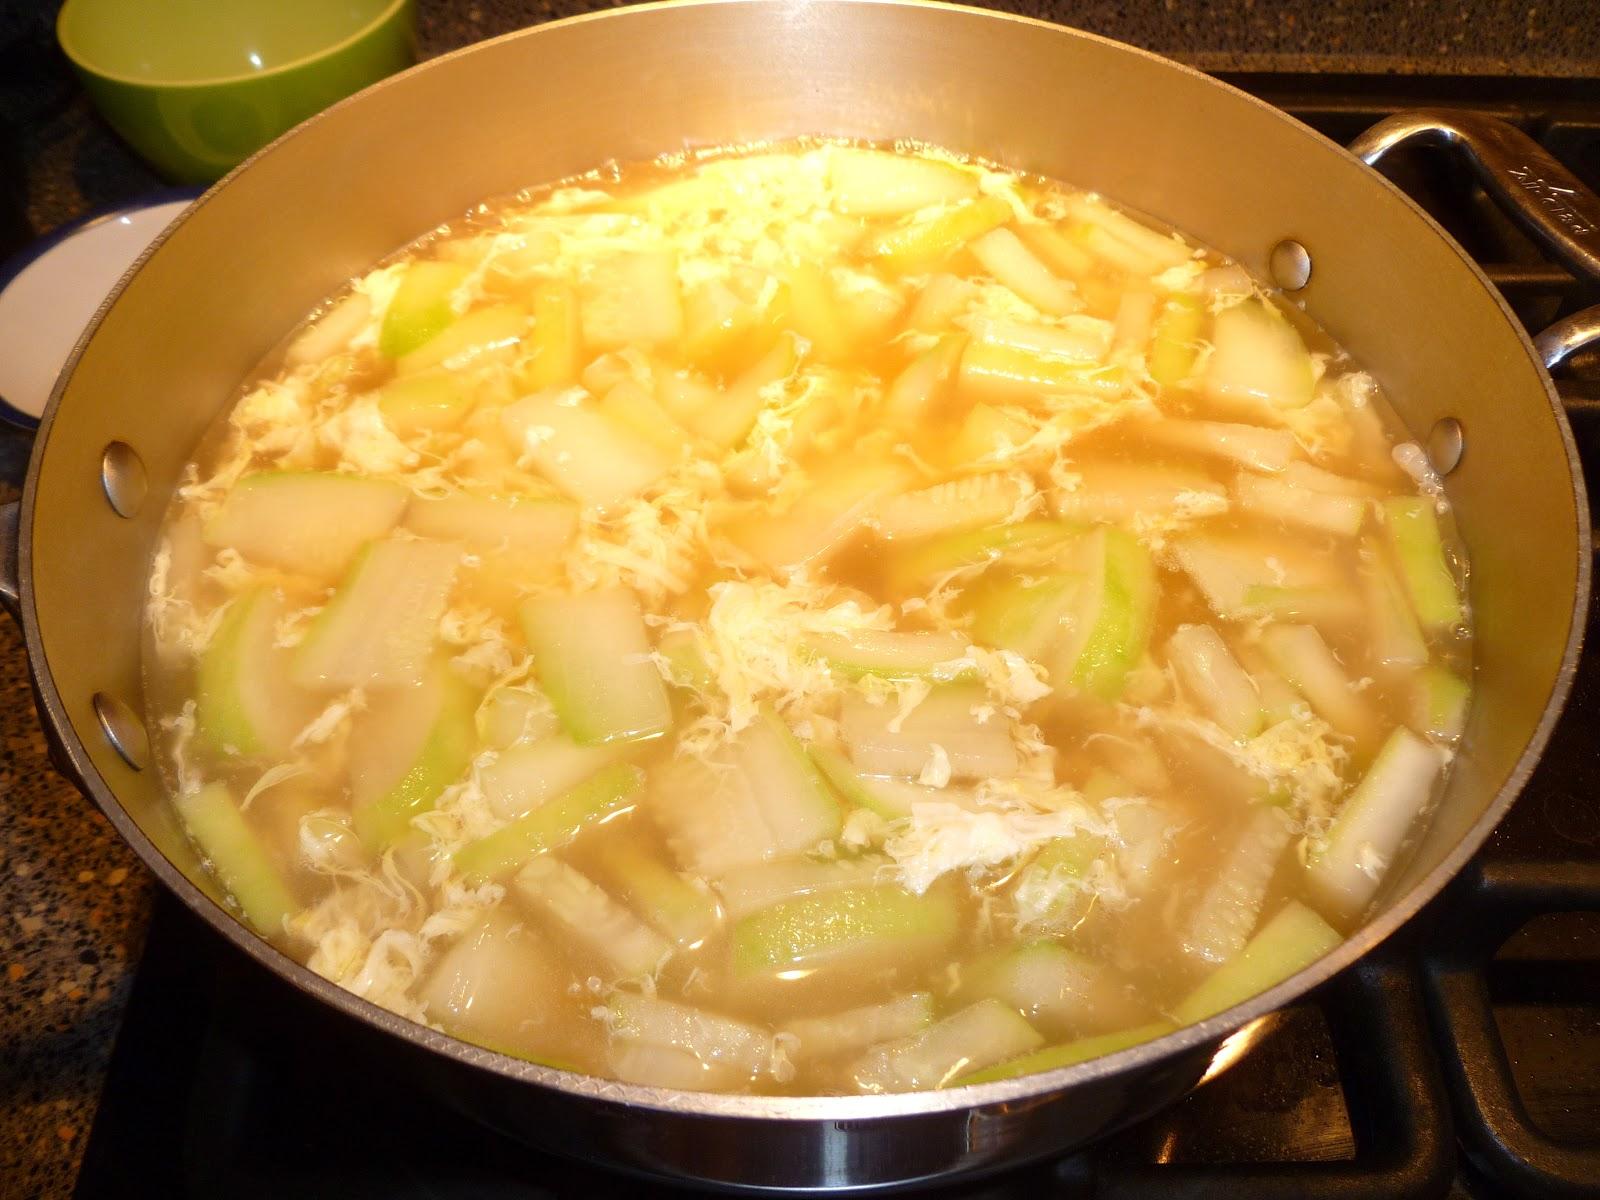 Sdmags Moqua Soup